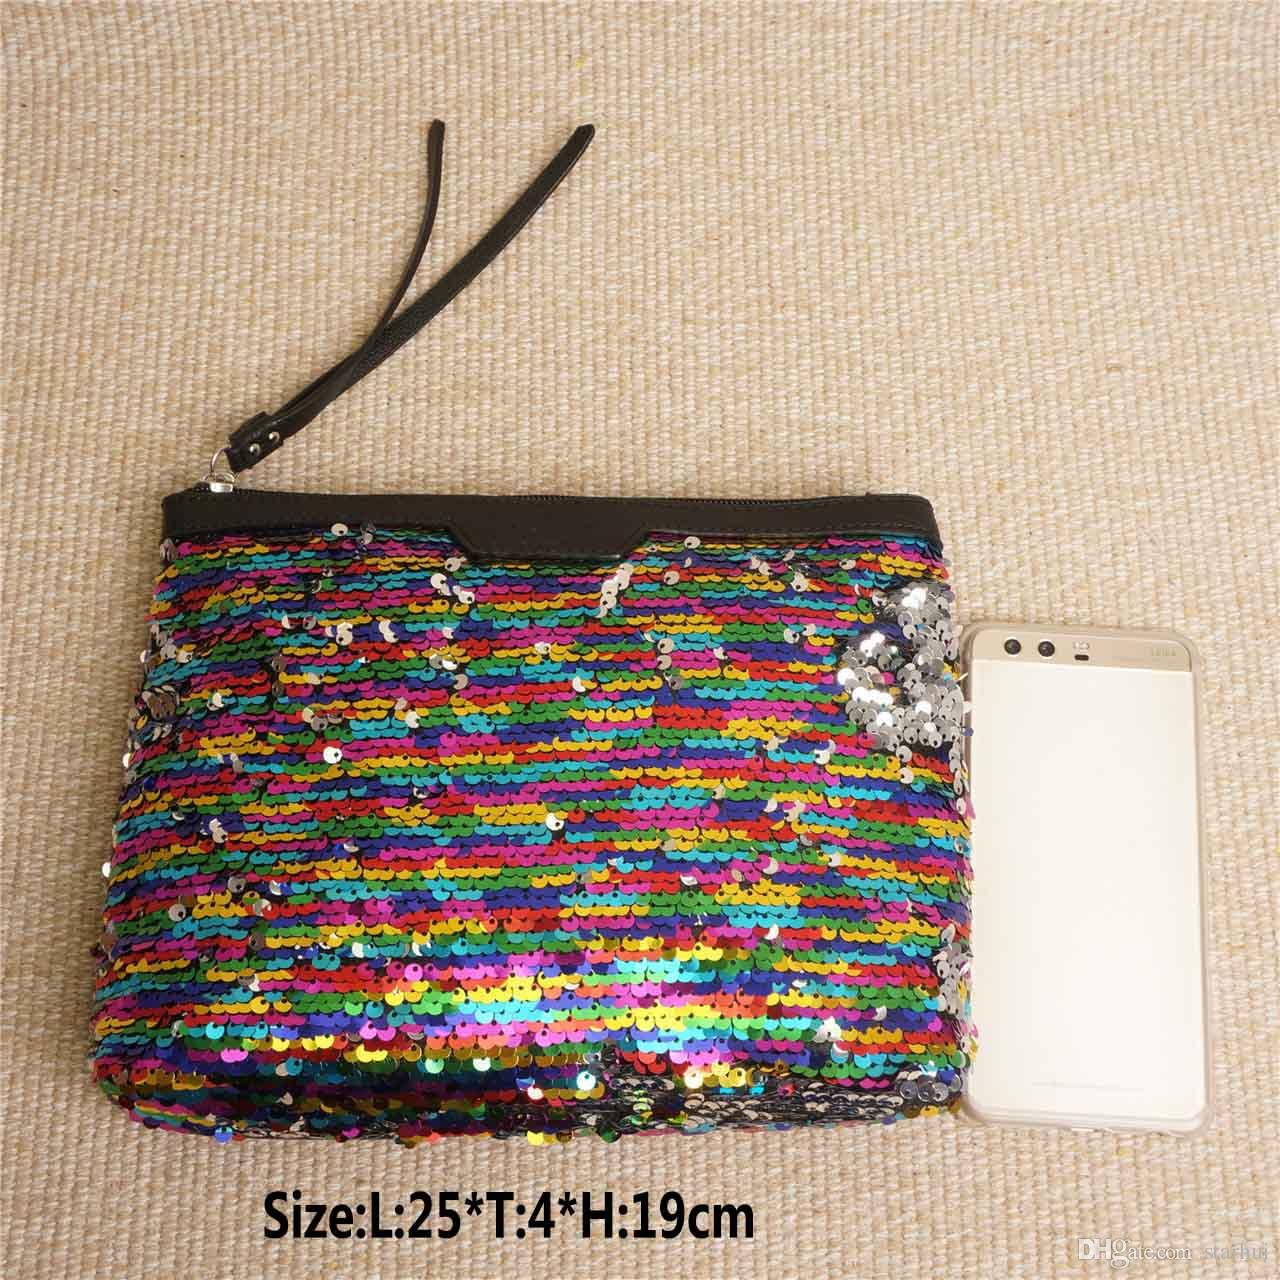 Luxo Sequins Storage Bag For Women Cosmetic Makeup Mermaid Clutch Handbag Início Moedas Organização Armazenamento WX9-362